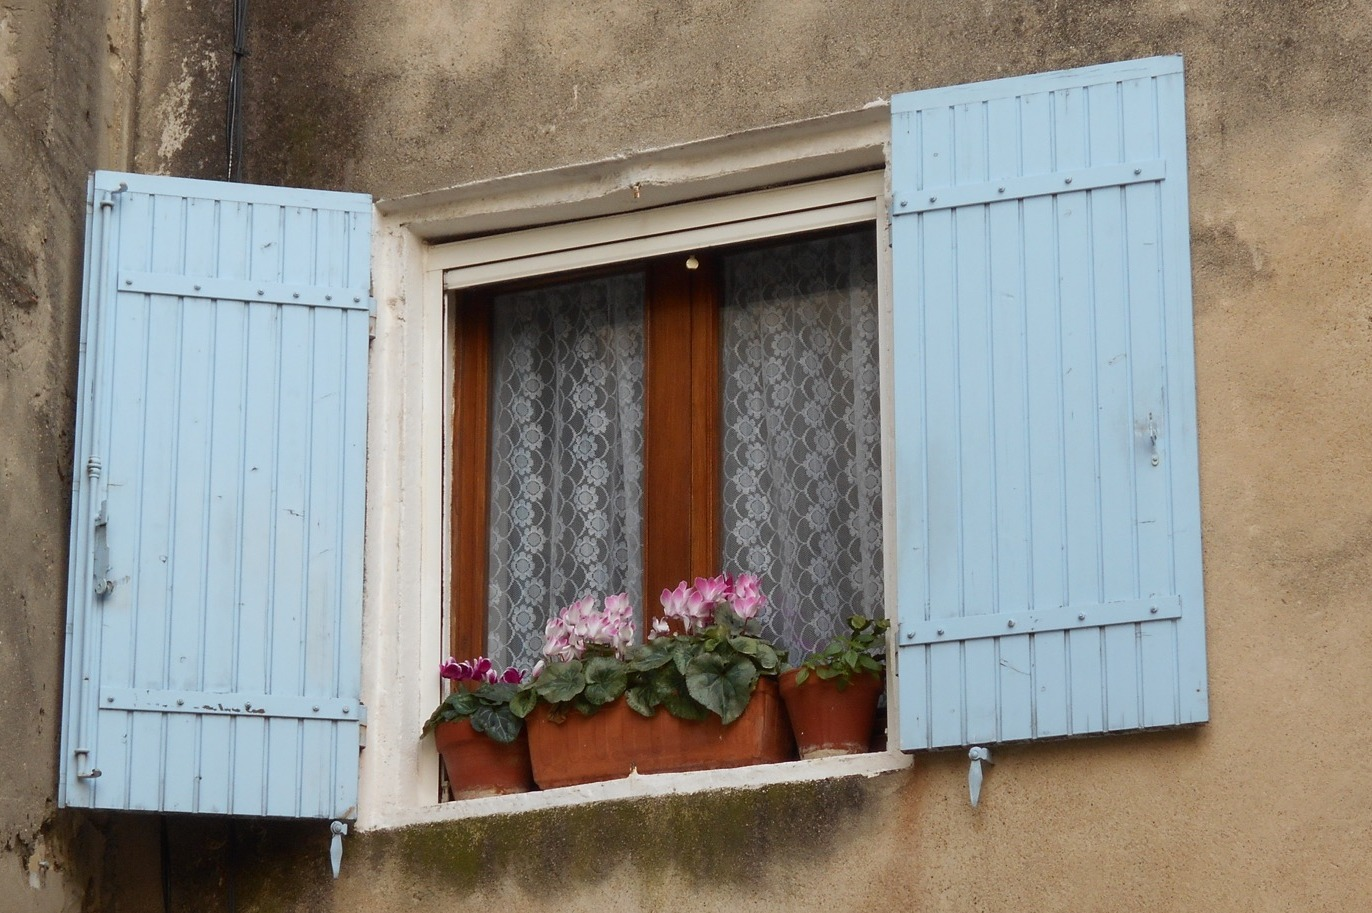 Couleur Volet En Provence l'esprit vagabond: couleurs de provence: un album